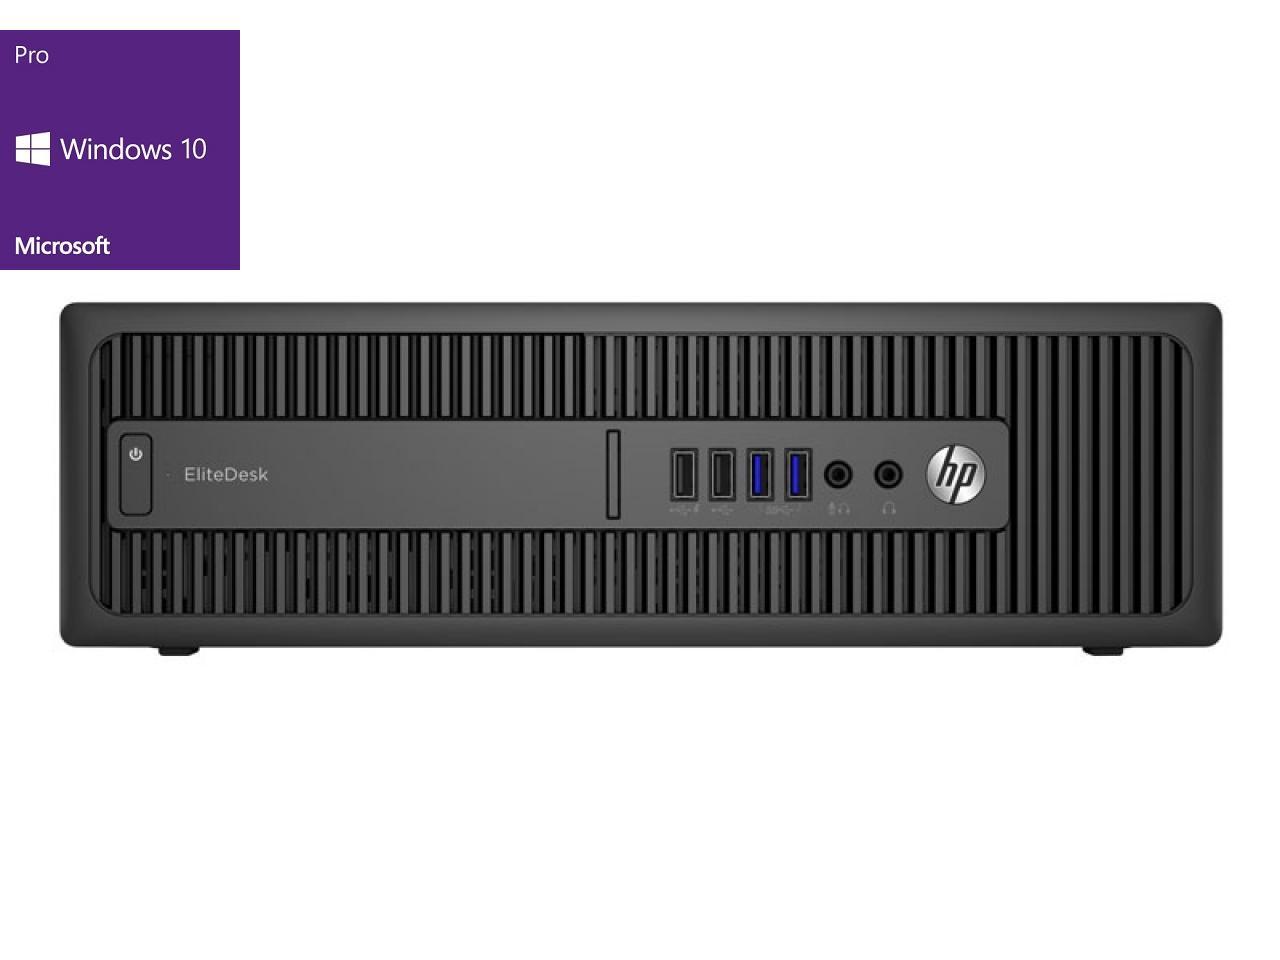 Hewlett Packard EliteDesk 800 G2 SFF  - shop.bb-net.de